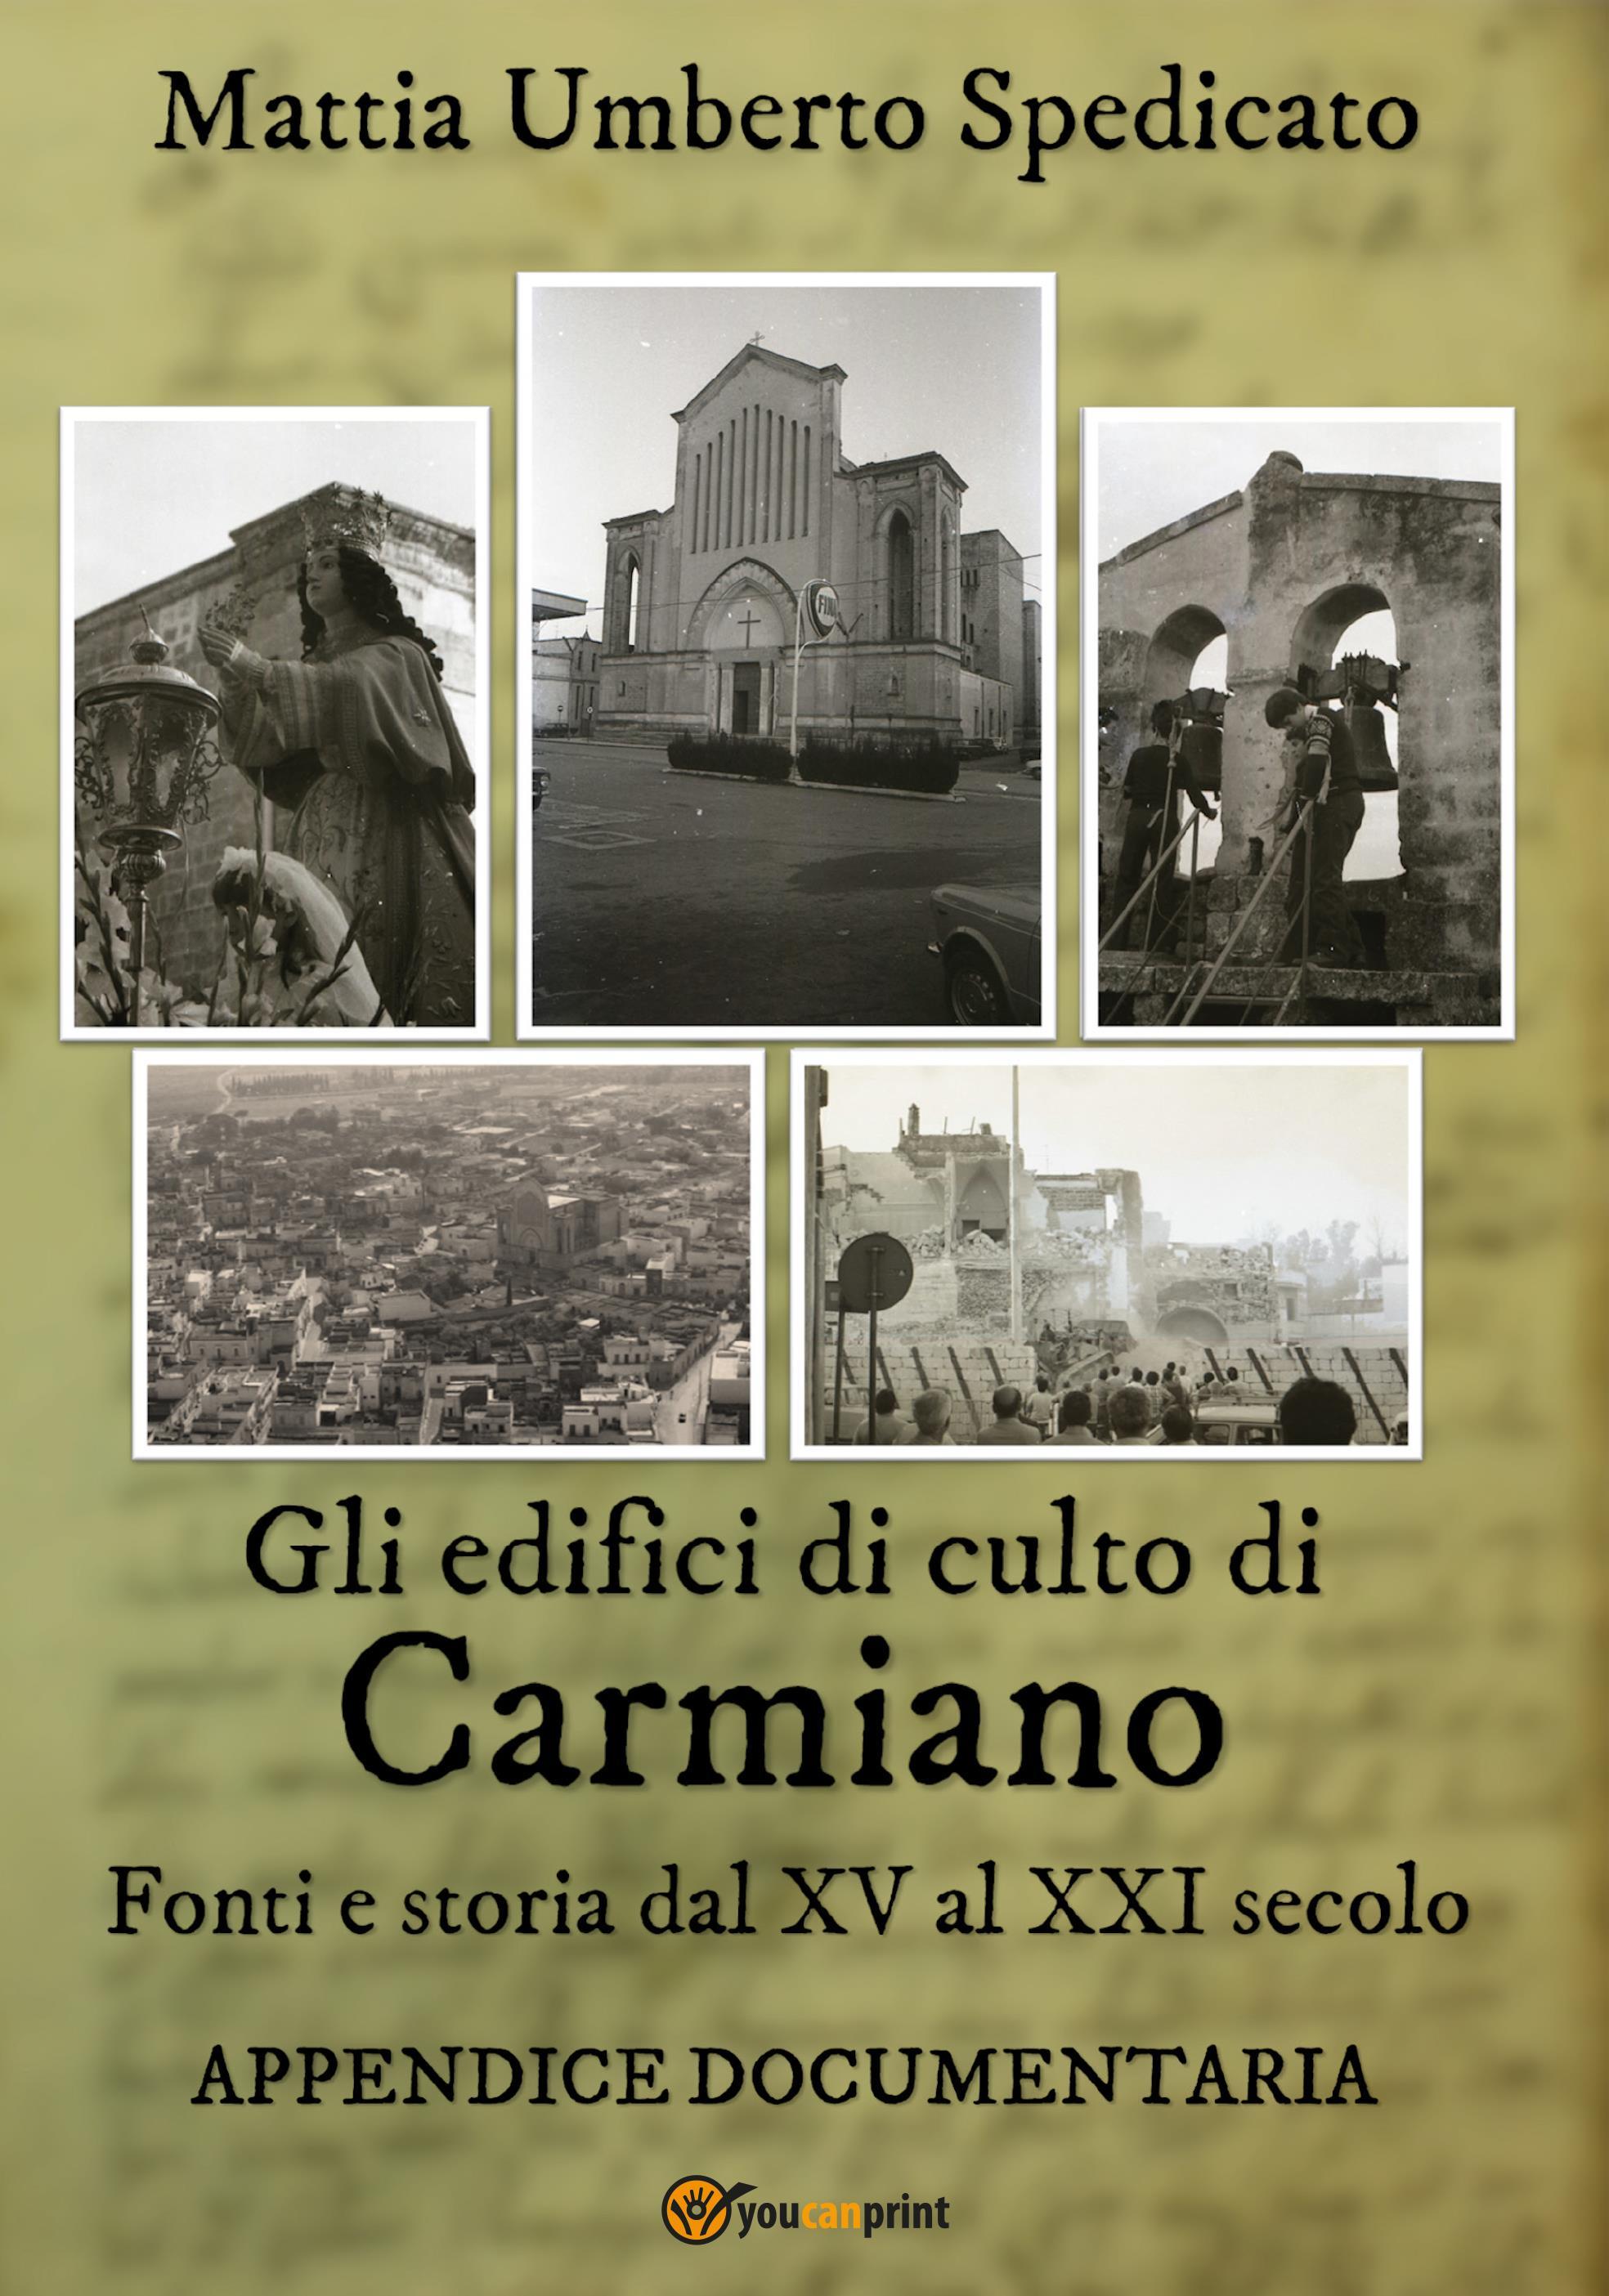 Gli edifici di culto di Carmiano. Fonti e storia dal XV al XXI secolo - Appendice documentaria